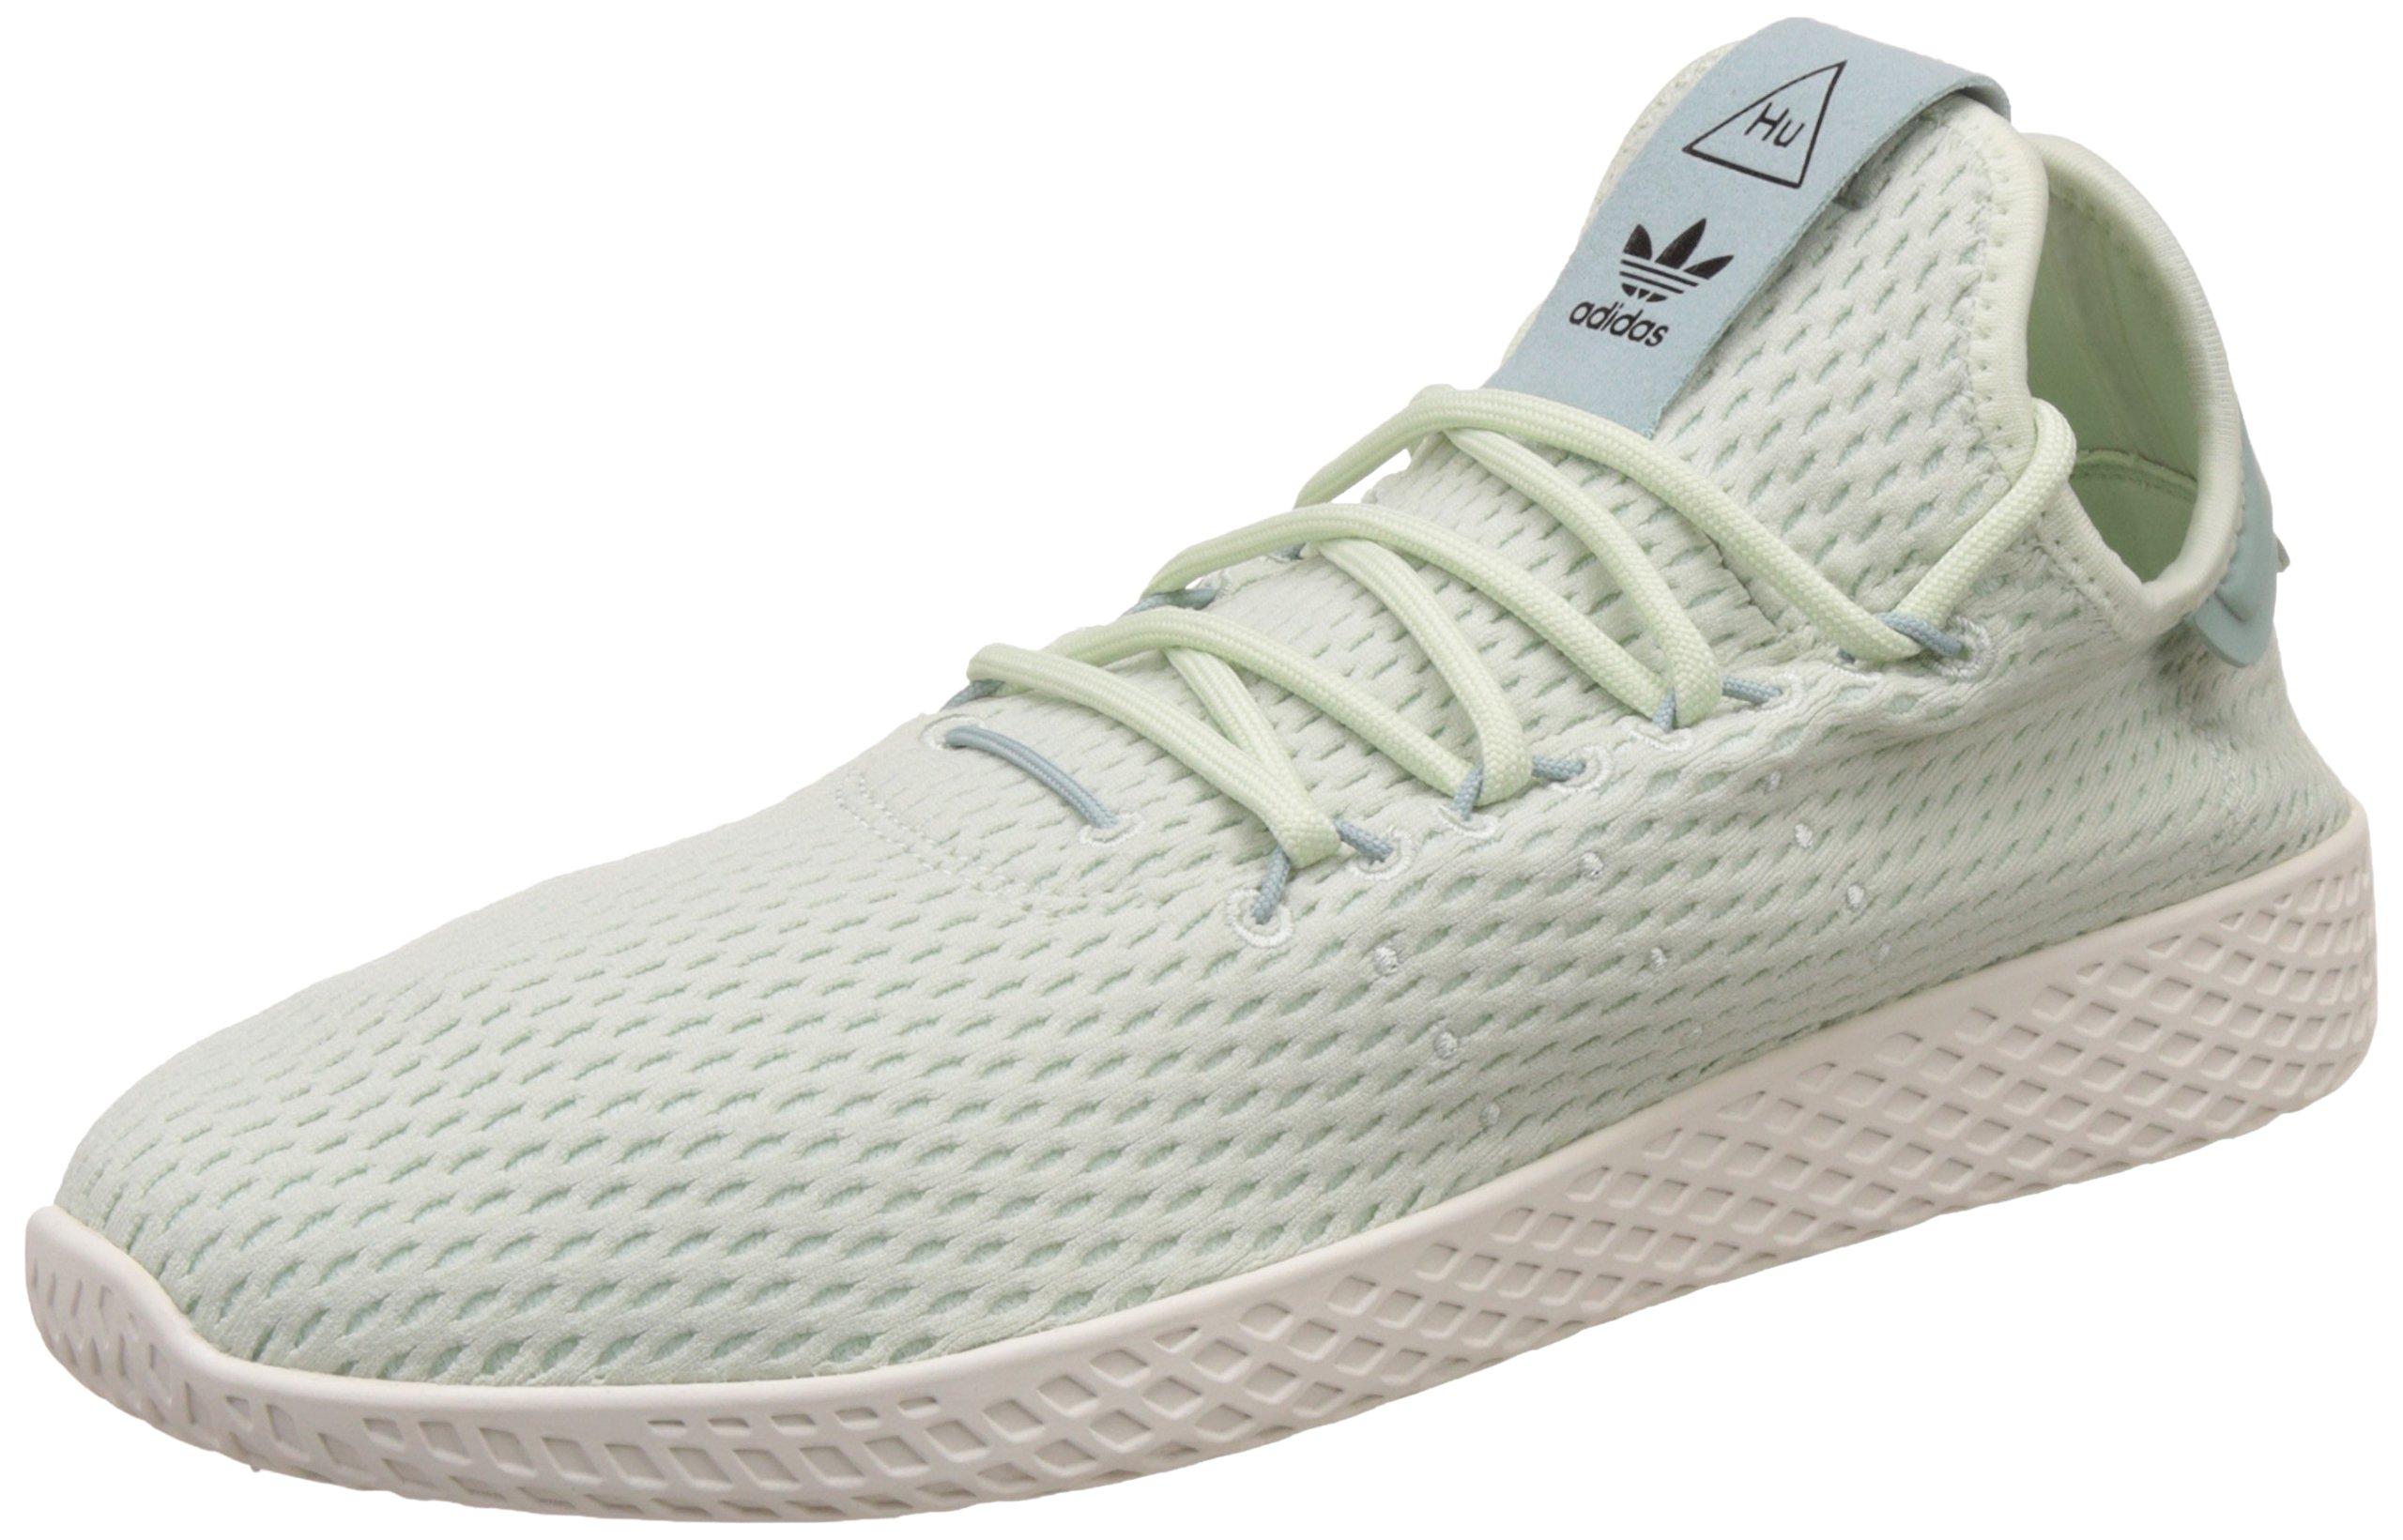 e31108ce4a9f3 Galleon - Adidas Originals PW Tennis HU Mens Trainers Sneakers (UK 6 US 6.5  EU 39 1 3